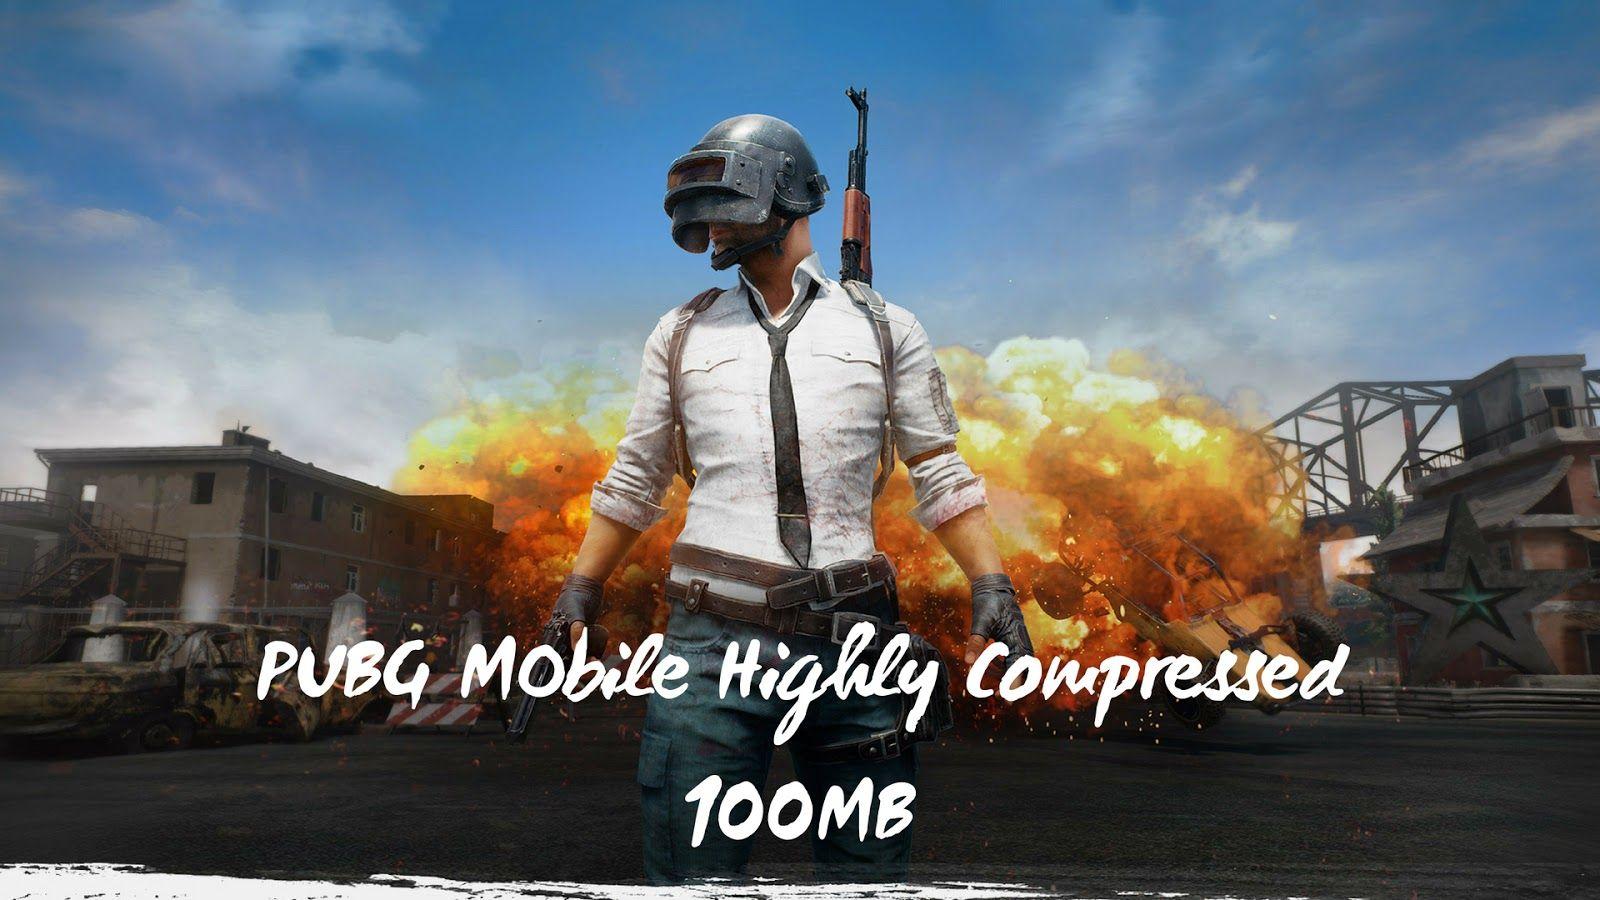 4k Tapete Pubg Mobile Wallpaper 4k Hd Download Playerunknown S